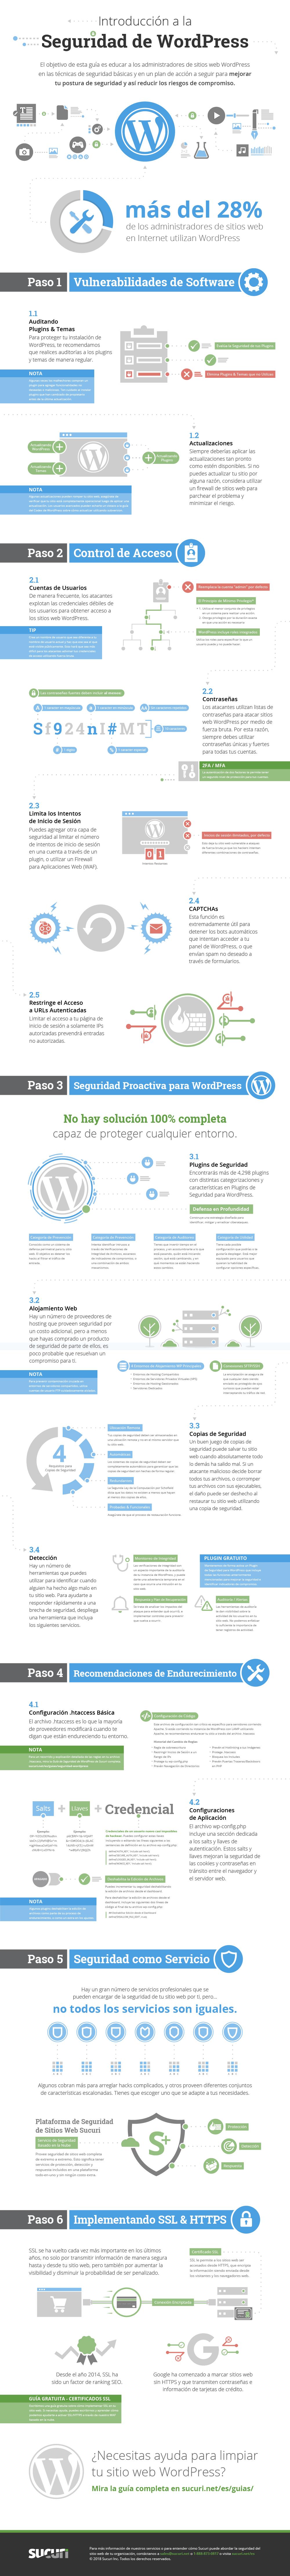 ¿Cómo proteger WordPress sin plugins?